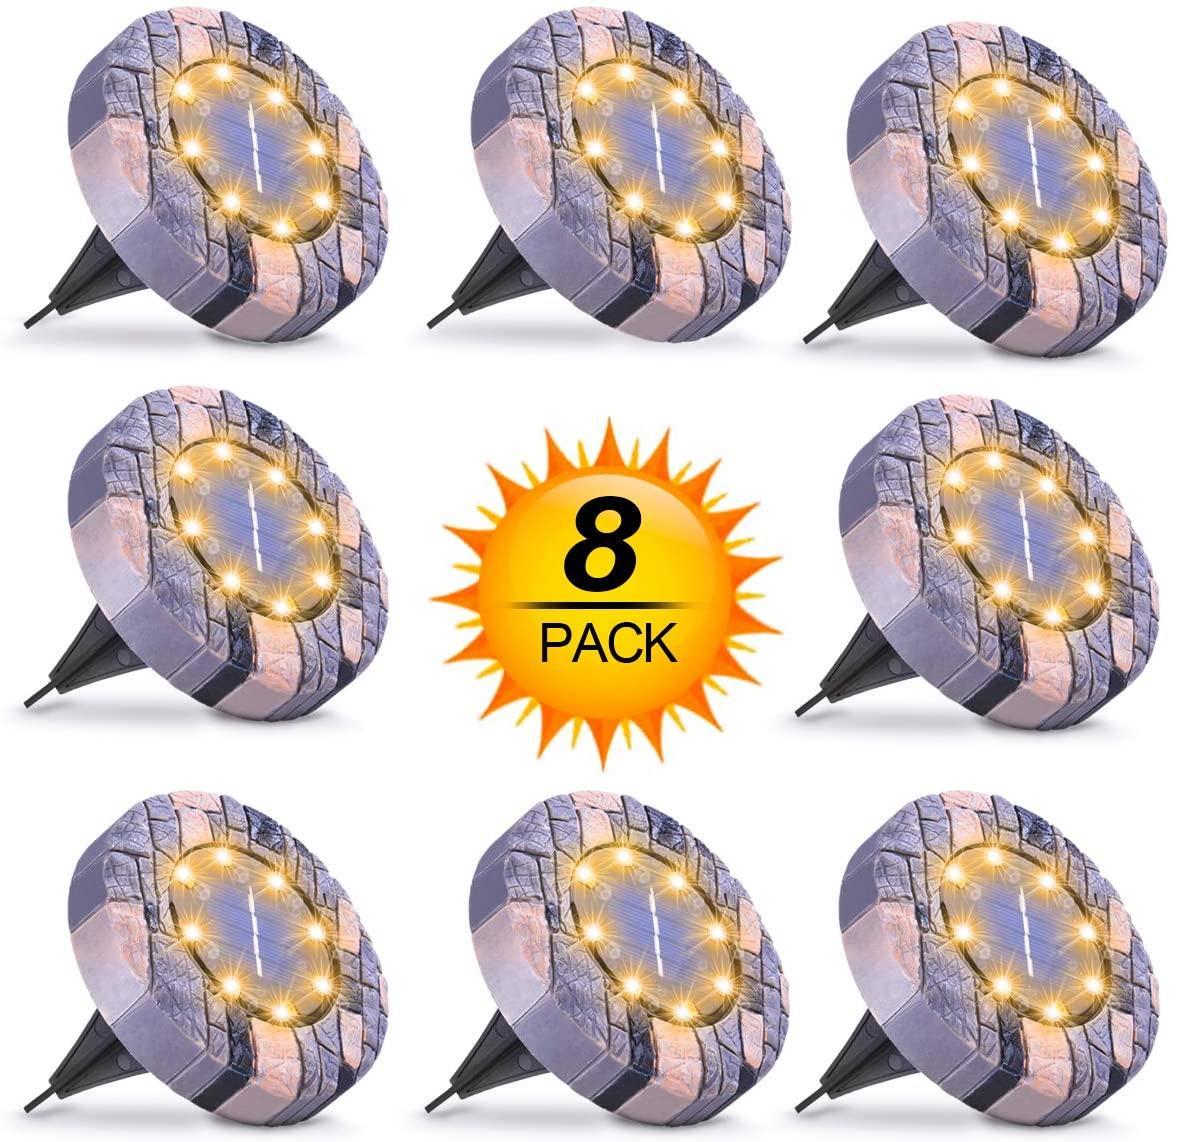 8PACK солнечной энергии наземные огни Открытый водонепроницаемый Солнечные огни сада 8 СИД солнечный диск света для Пути Тропинка Yard Дорожки Патио Lawn